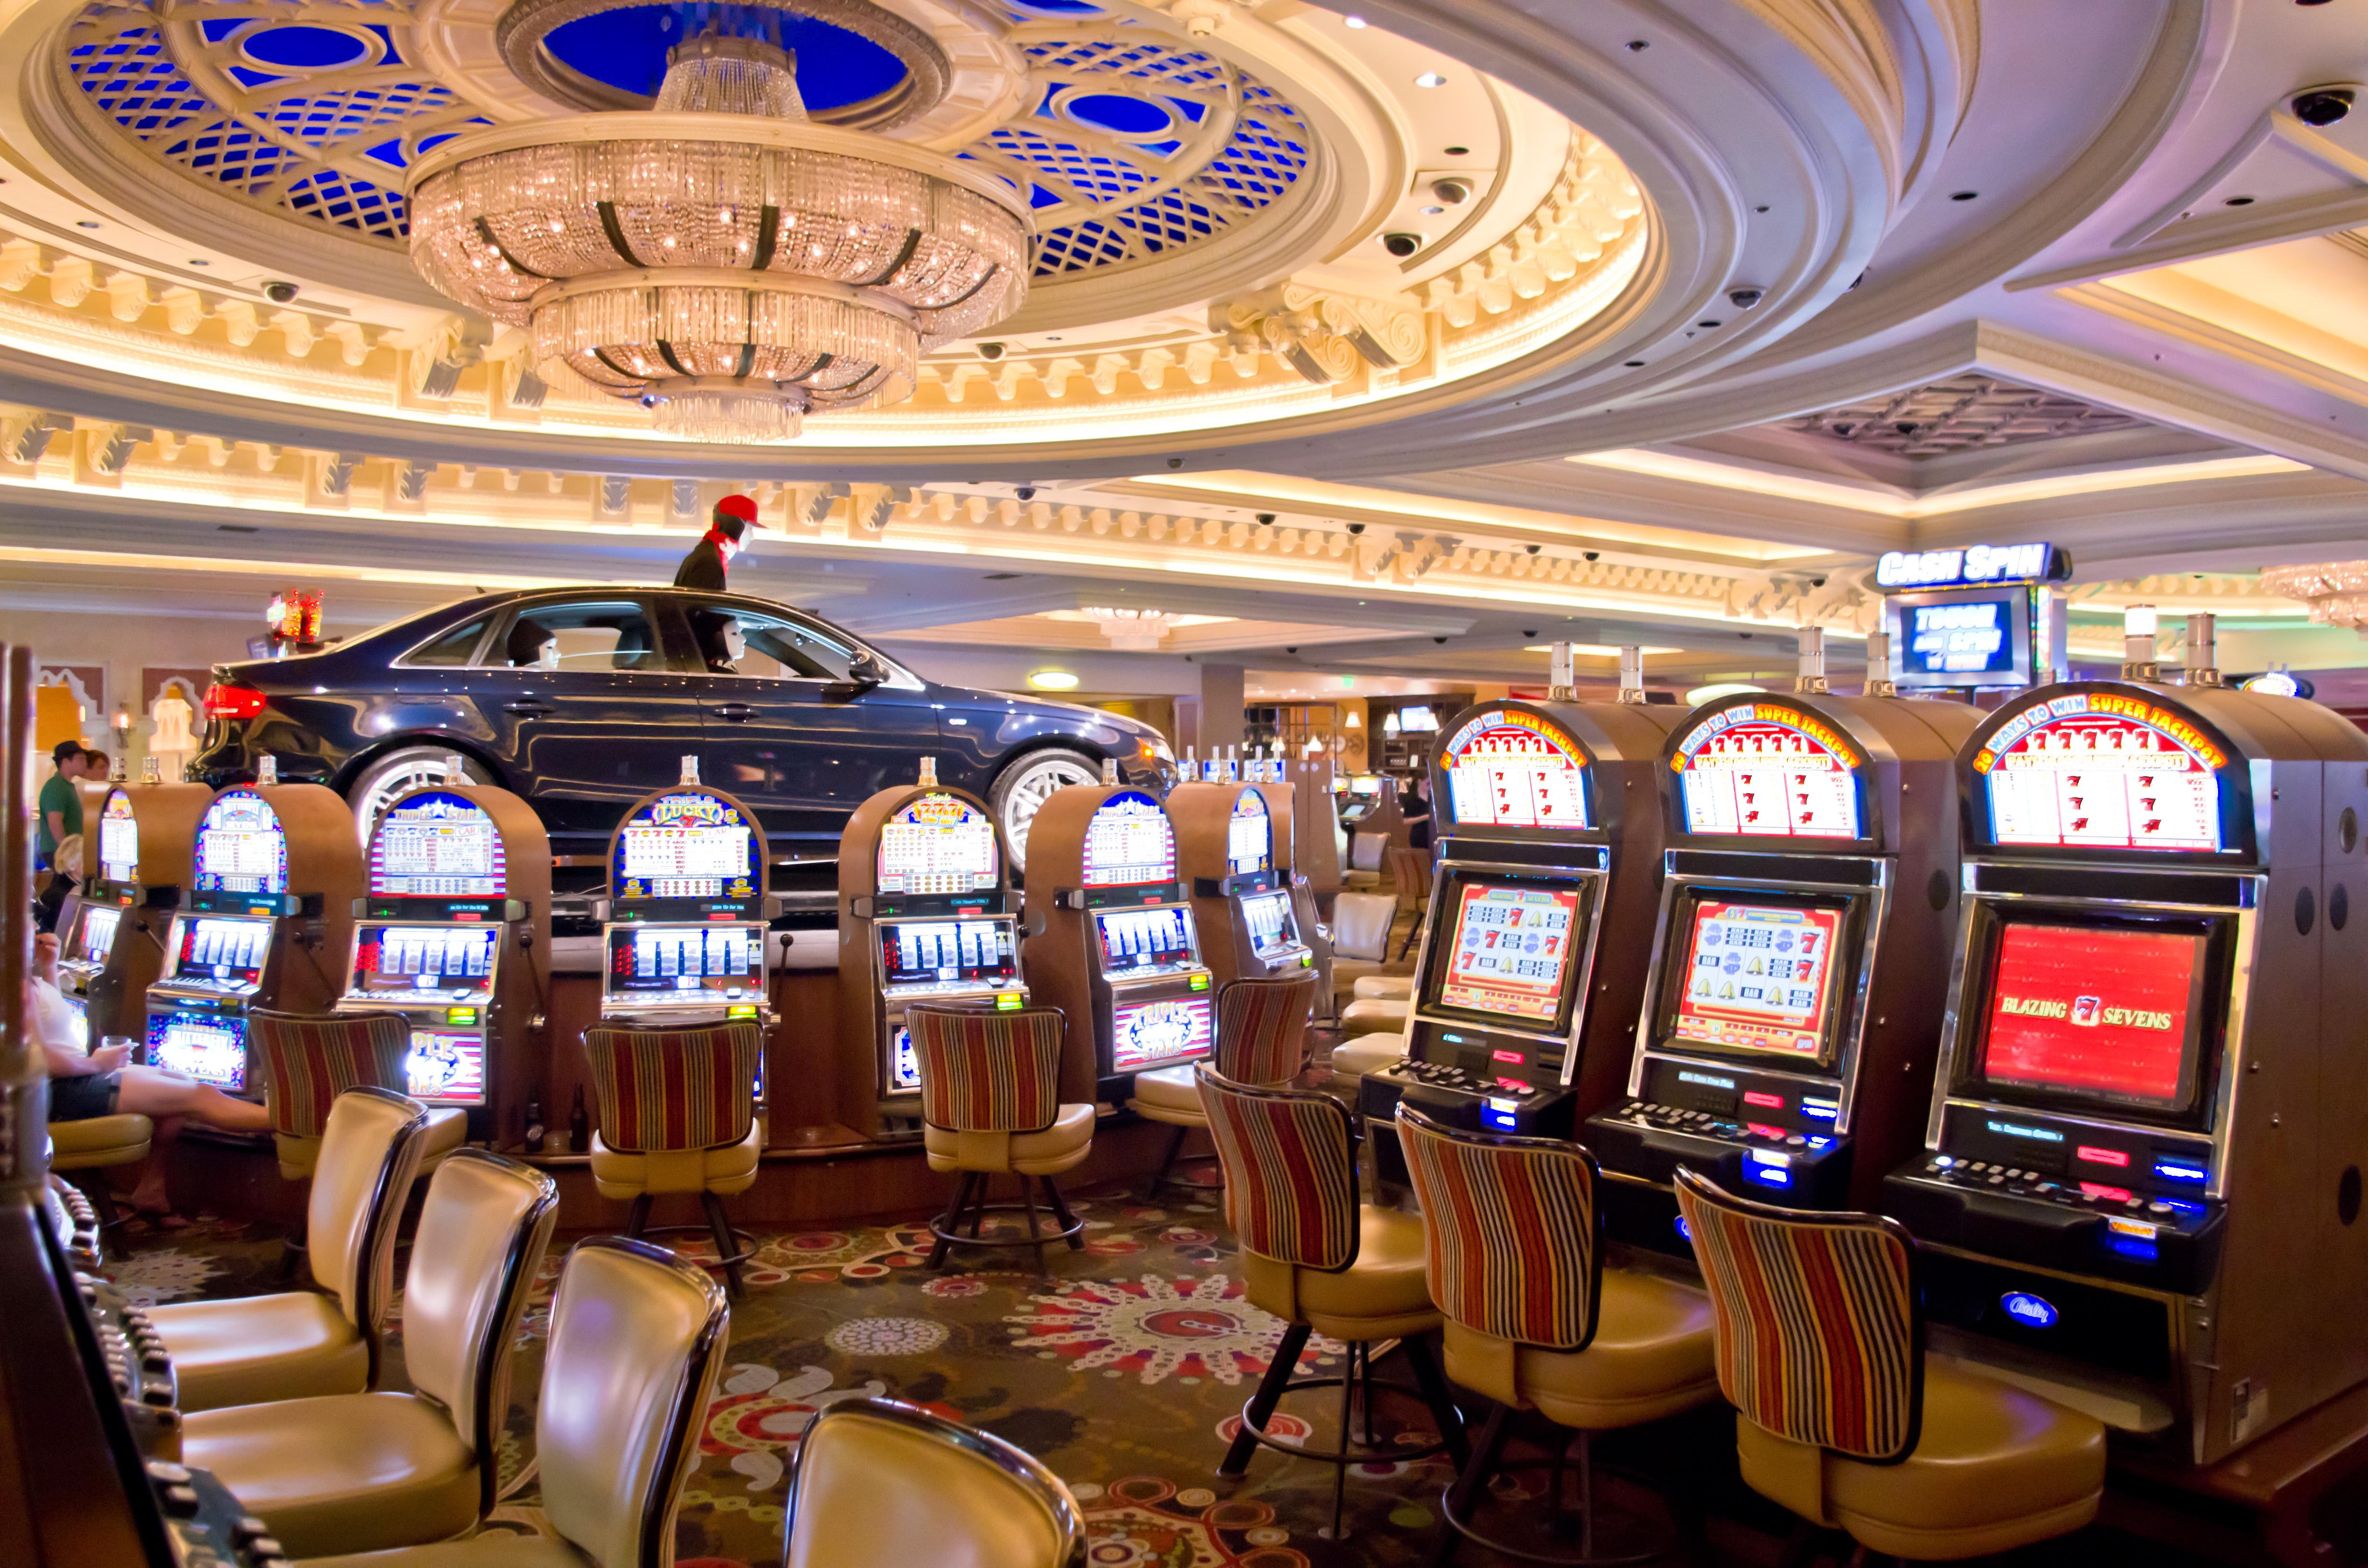 bingo casino slot machines